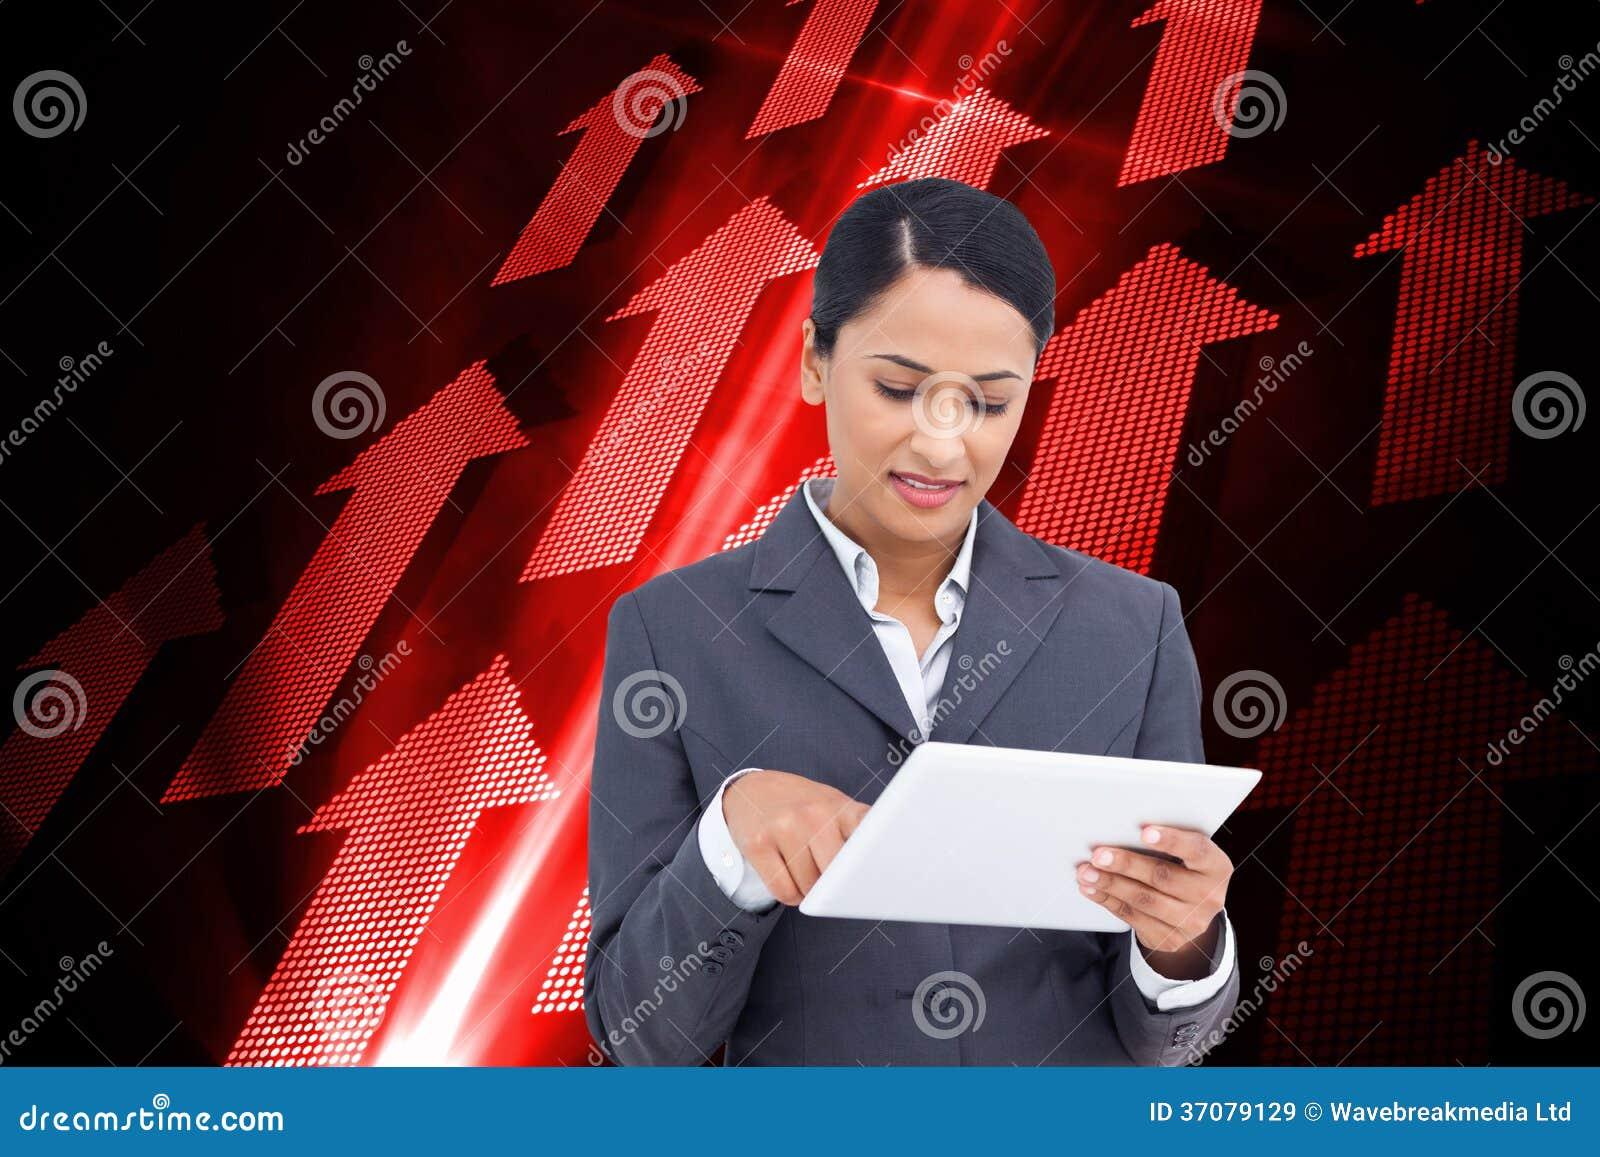 Download Zamyka Up Sprzedawczyni Z Jej Dotyka Ekranu Komputerem Ilustracji - Ilustracja złożonej z digitalis, kopia: 37079129